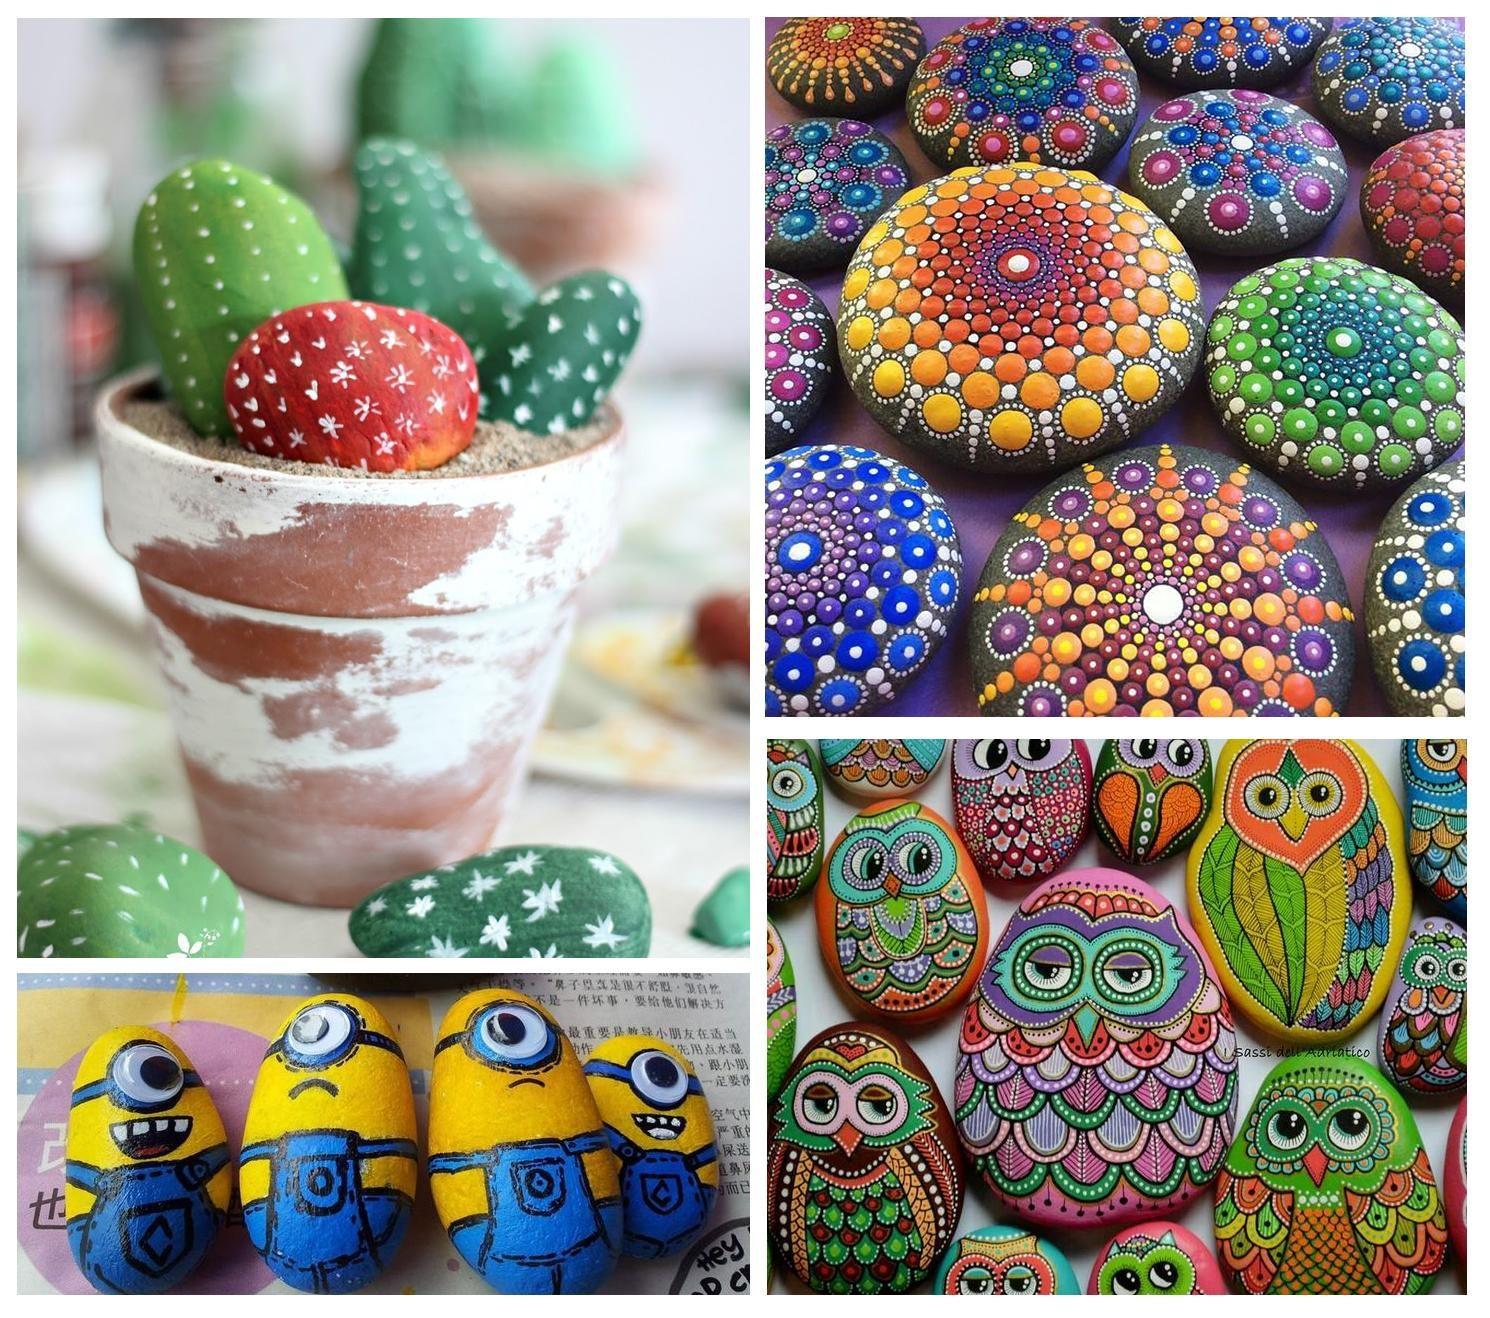 cmo decorar piedras con pintura quieres hacer creativas gastando muy poco